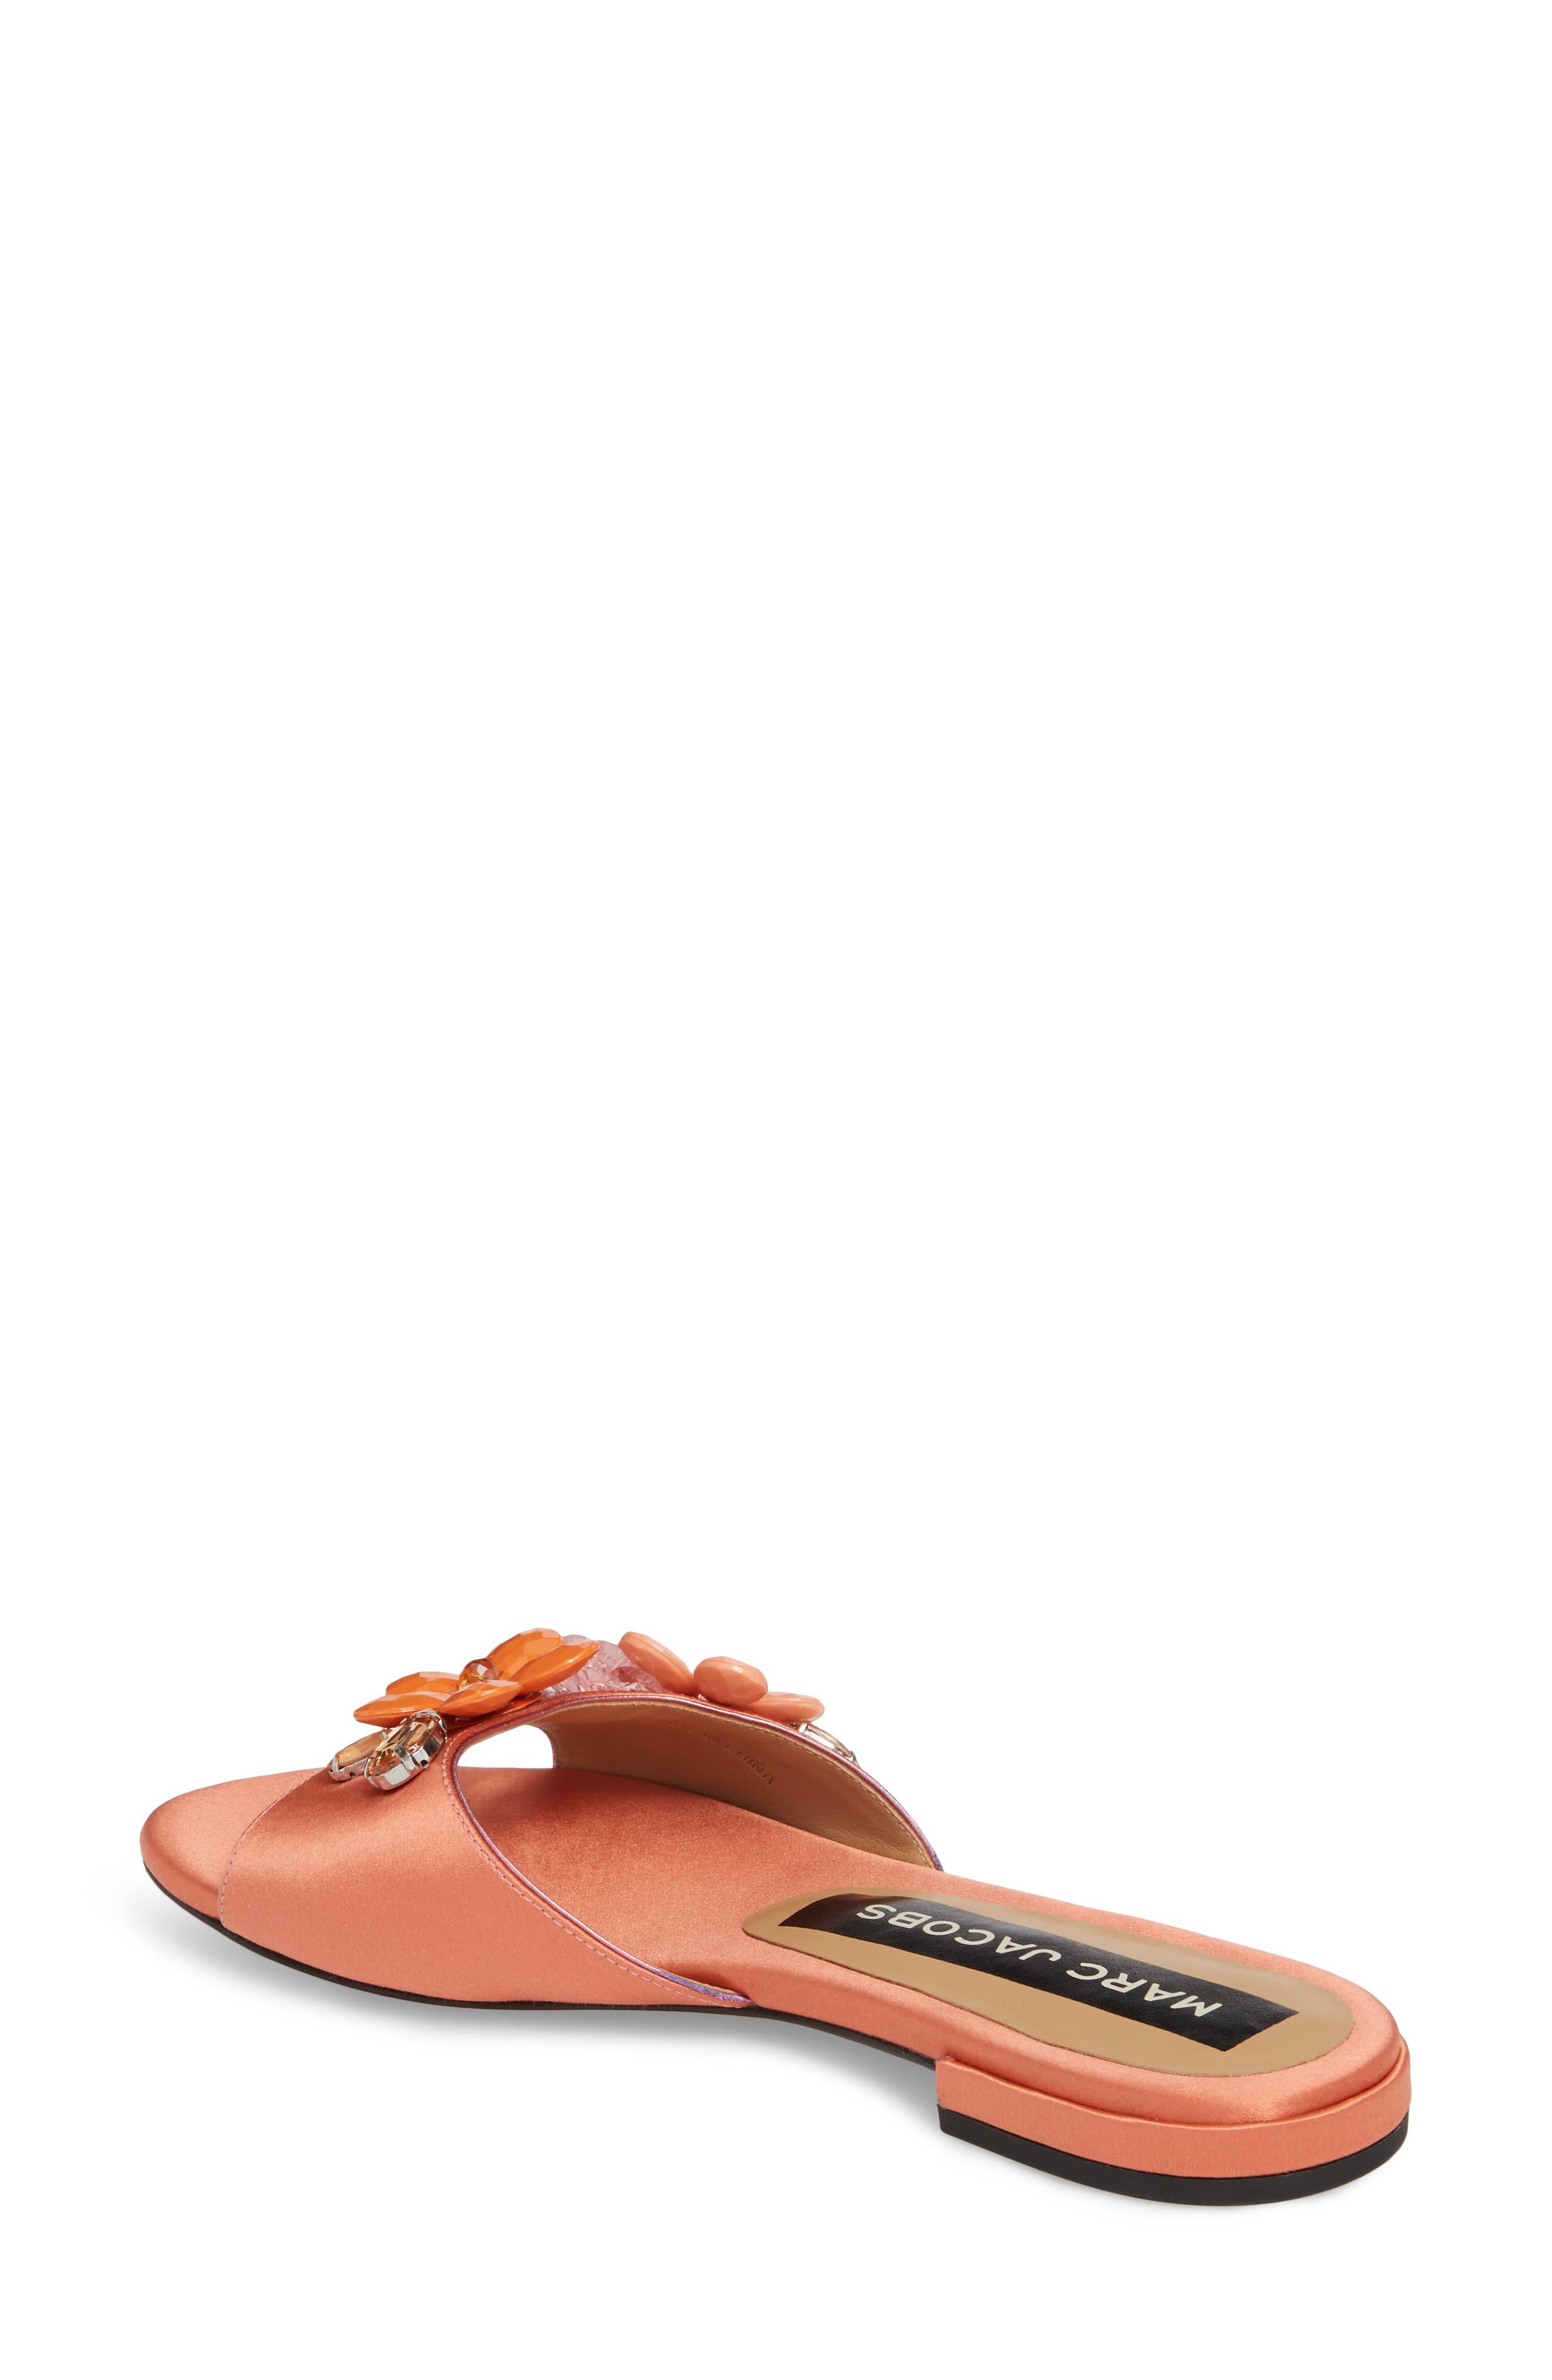 Clara Embellished Slide Sandal,                             Alternate thumbnail 2, color,                             659